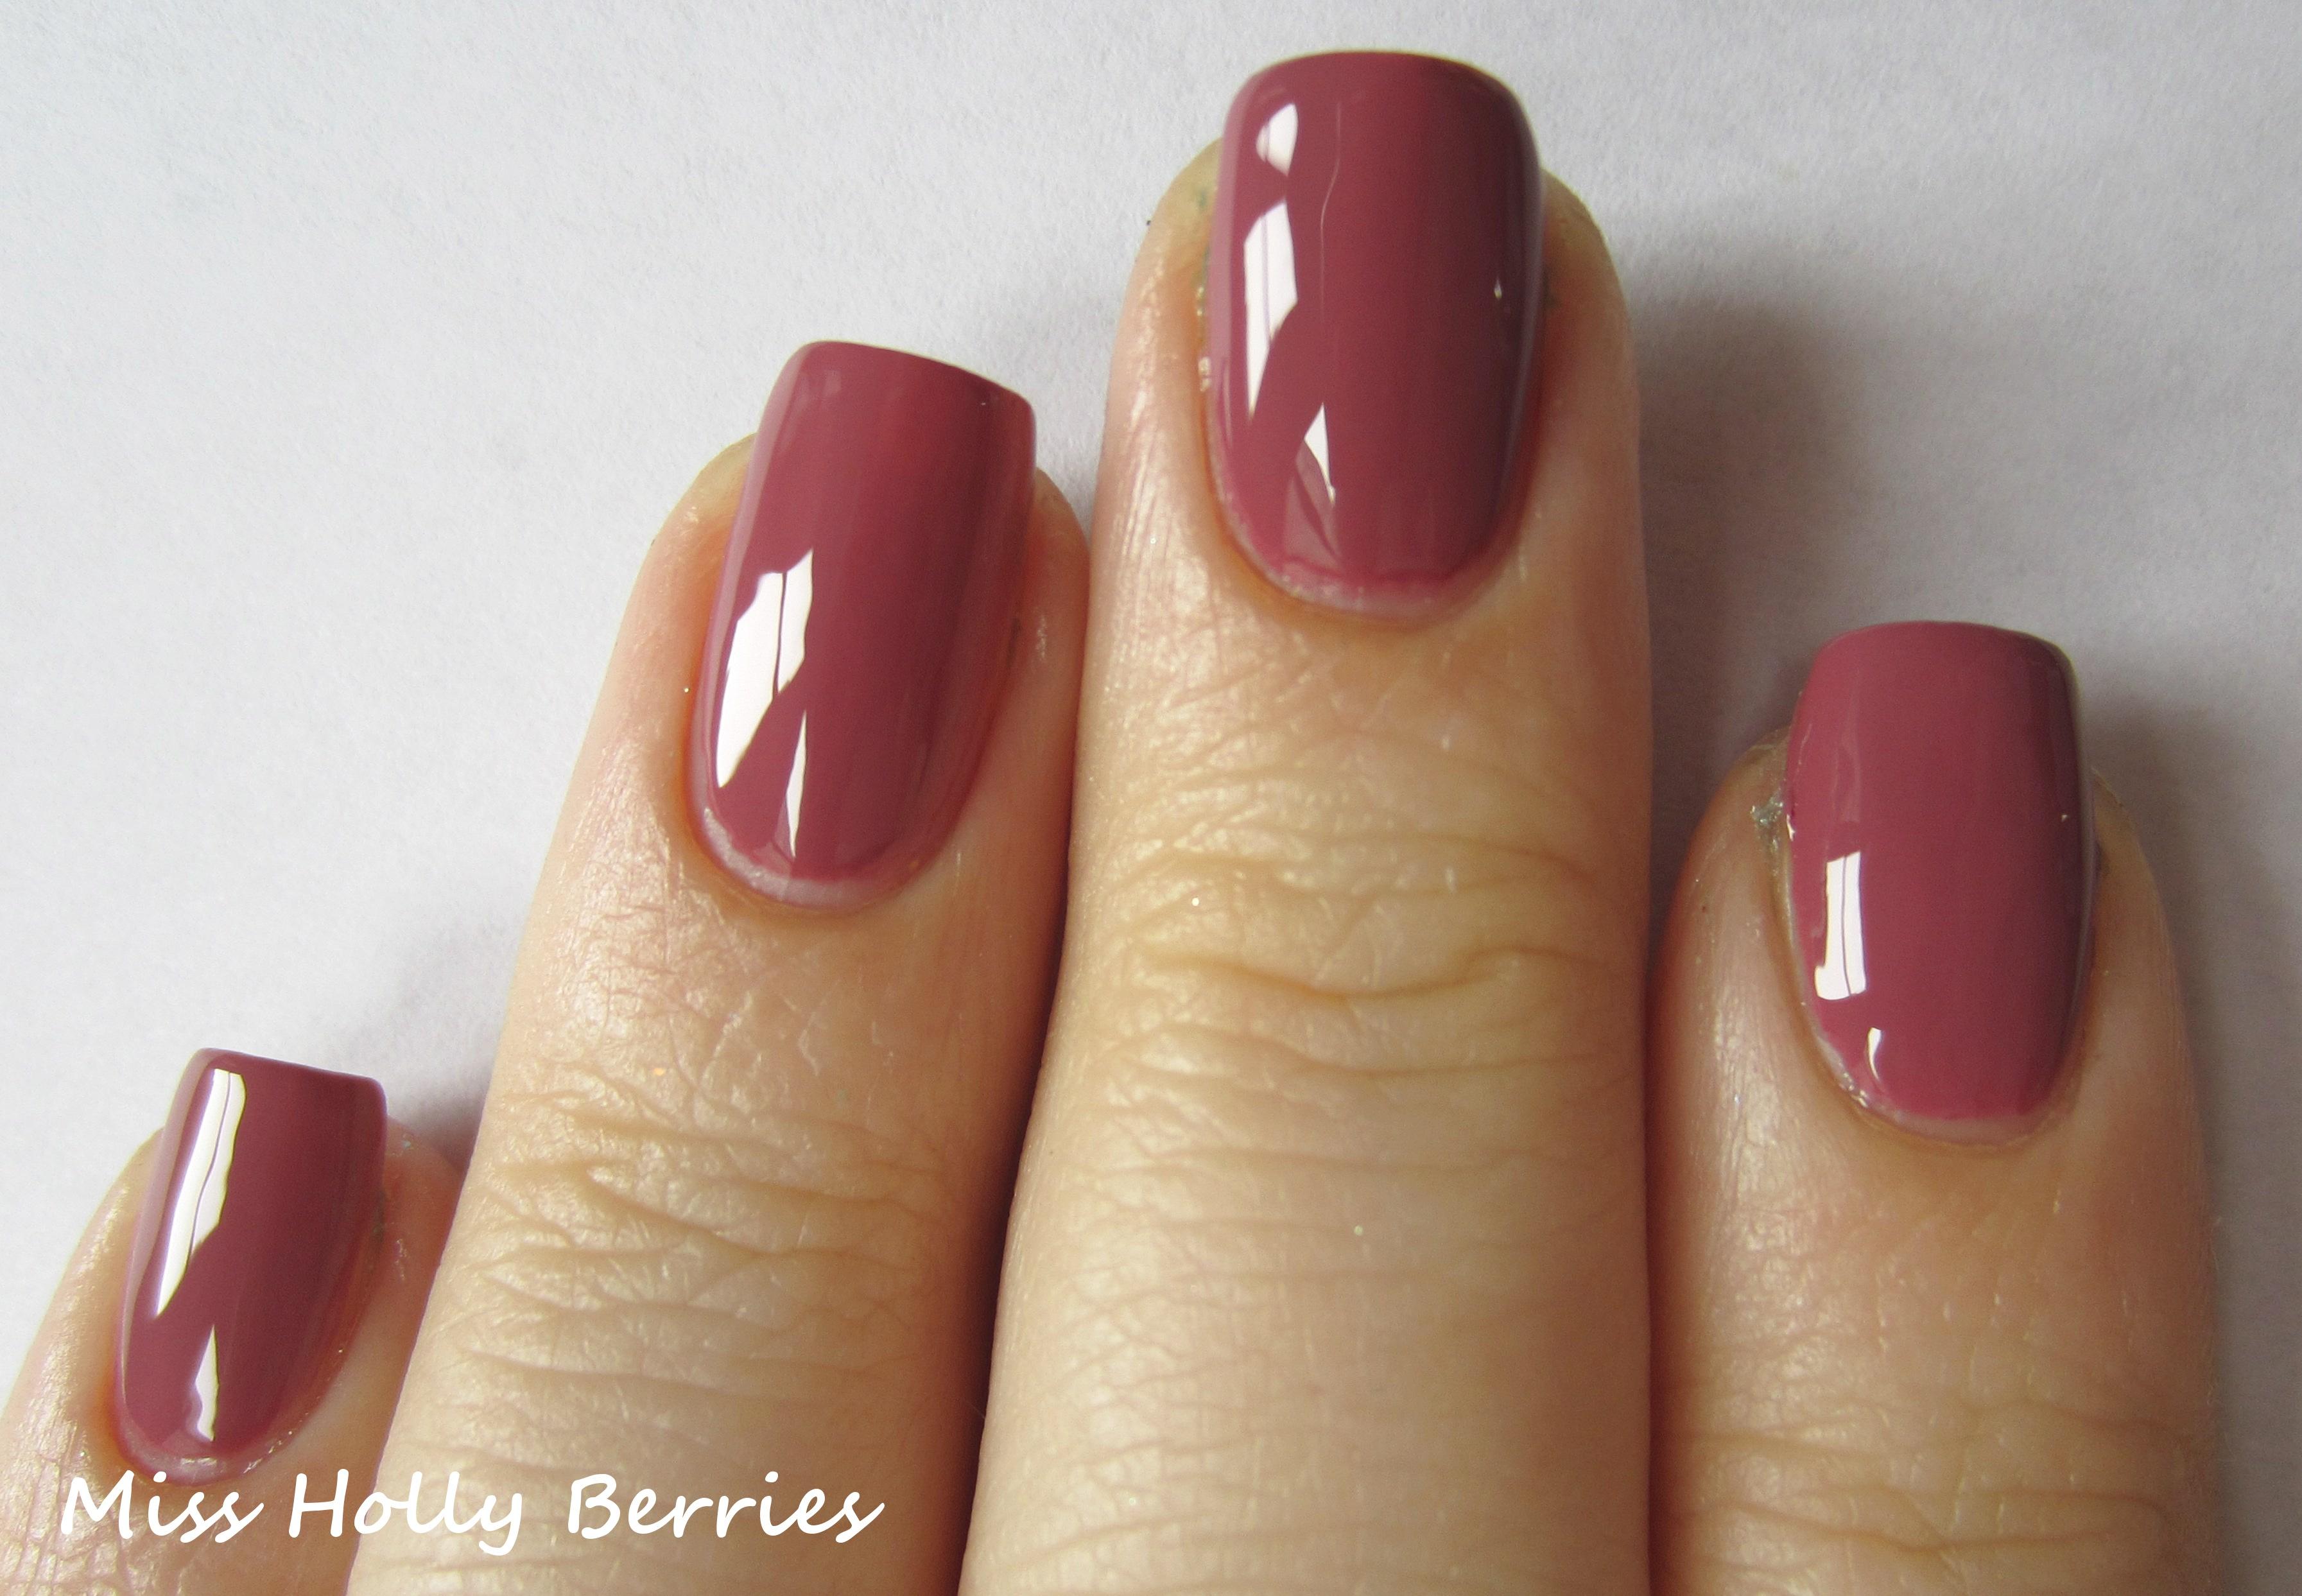 Koh Vintage Pink Misshollyberries